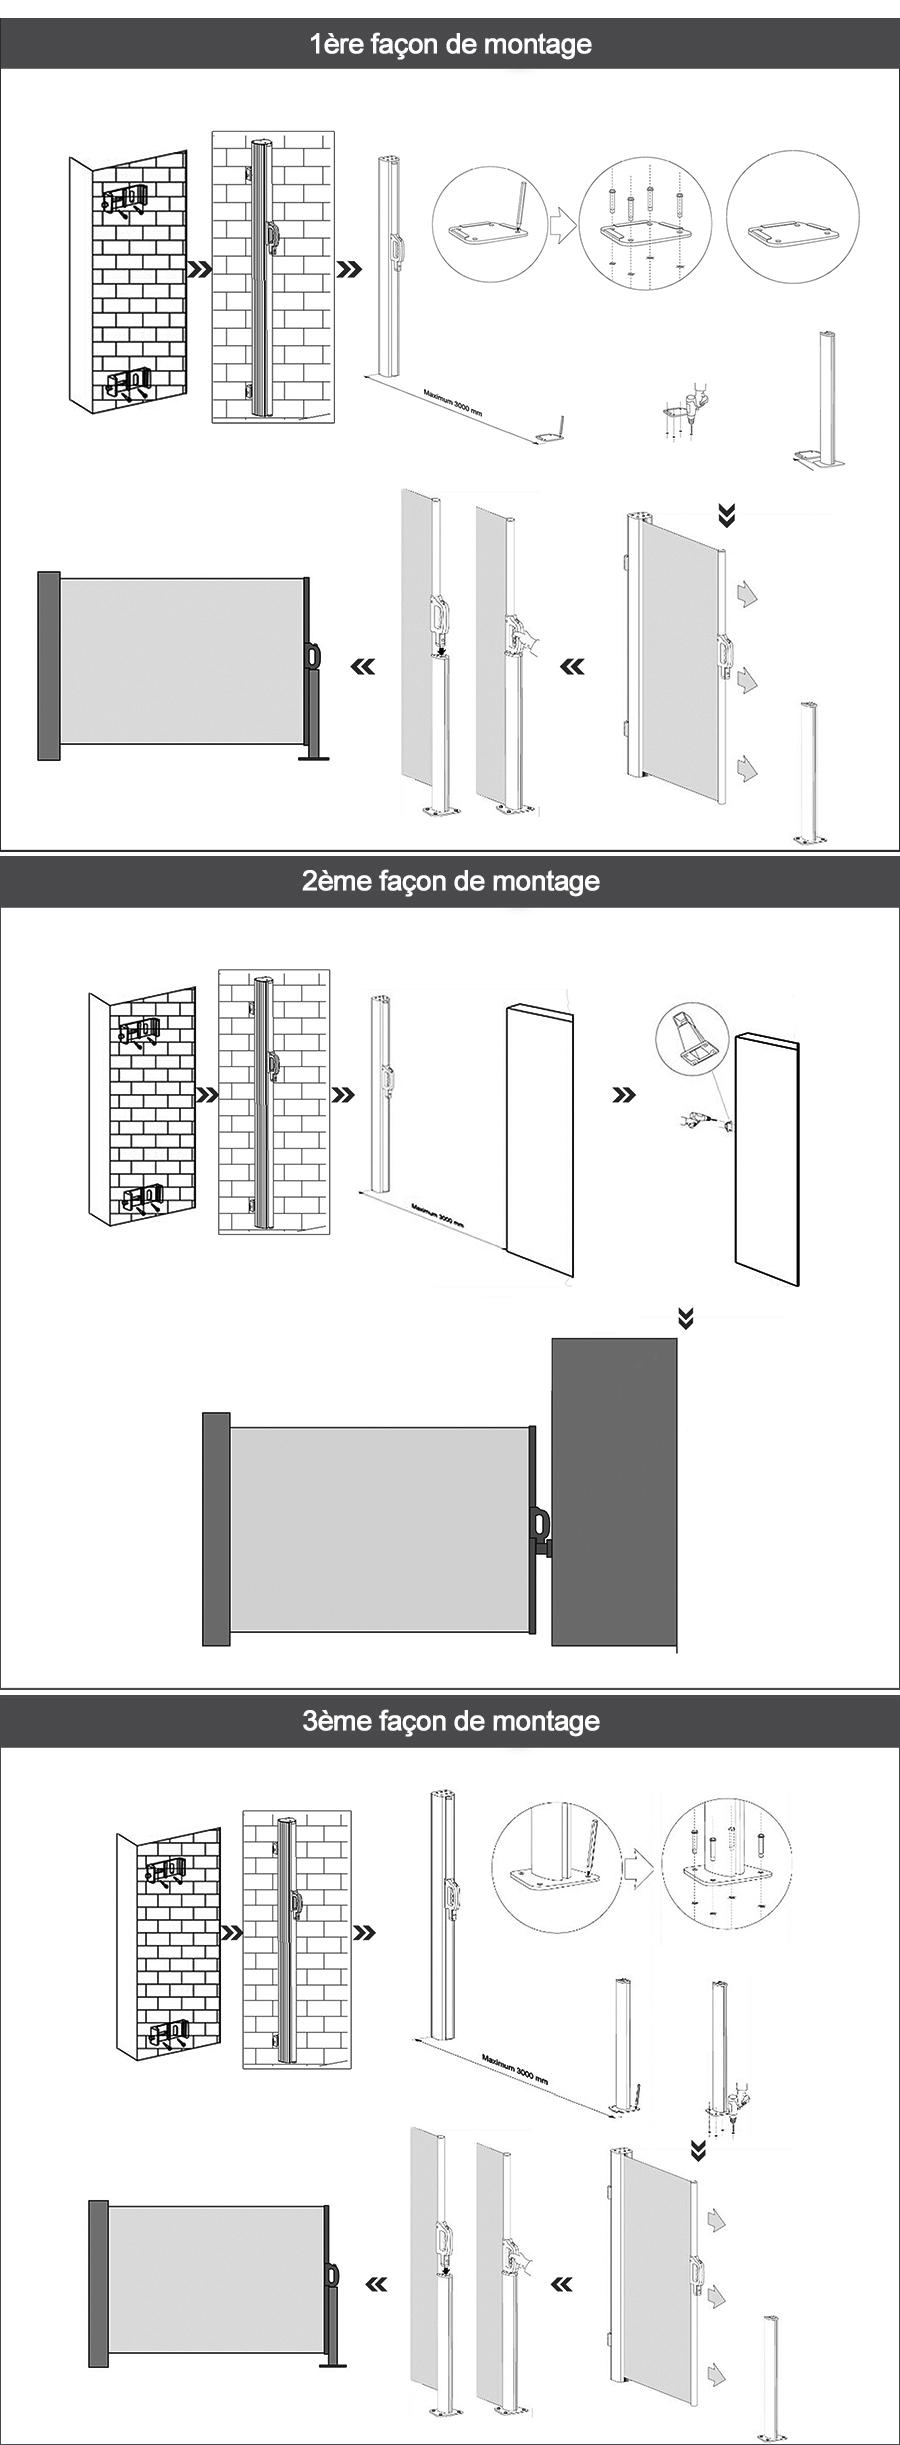 auvent fixation verticale paravent r tractable ext rieur. Black Bedroom Furniture Sets. Home Design Ideas